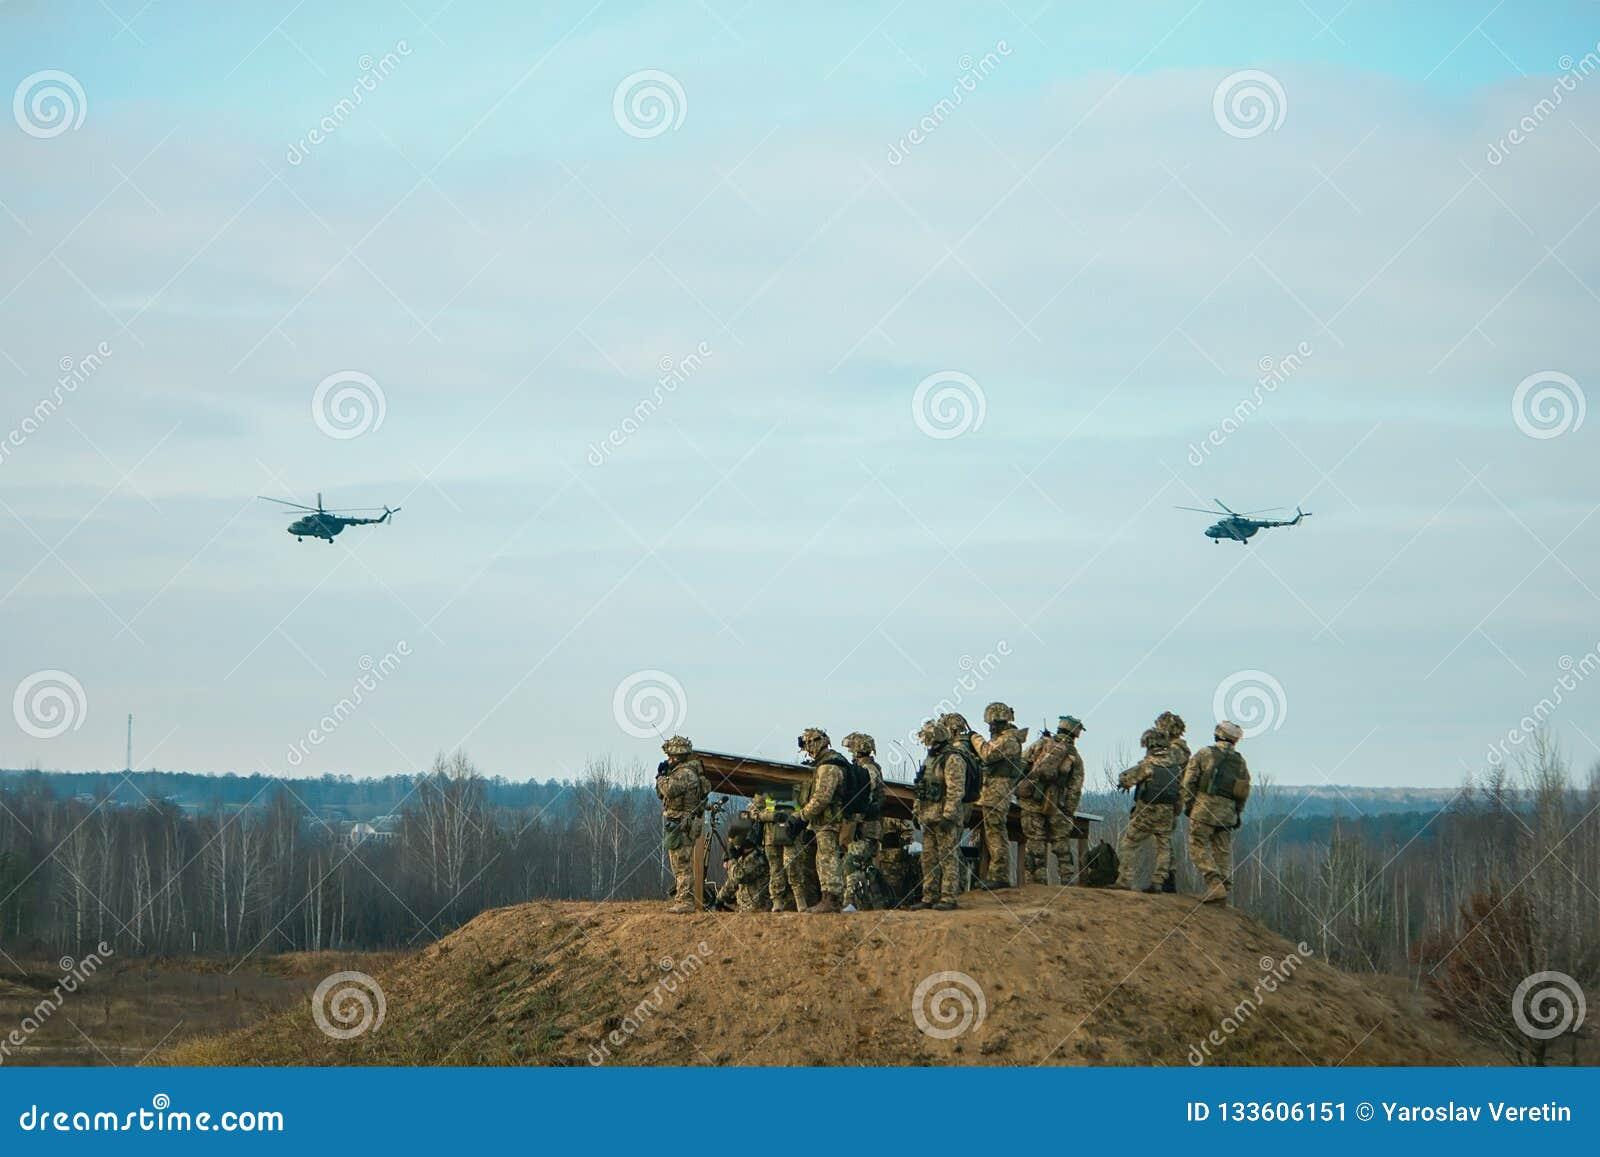 военные вертолеты армии летая над военным полем